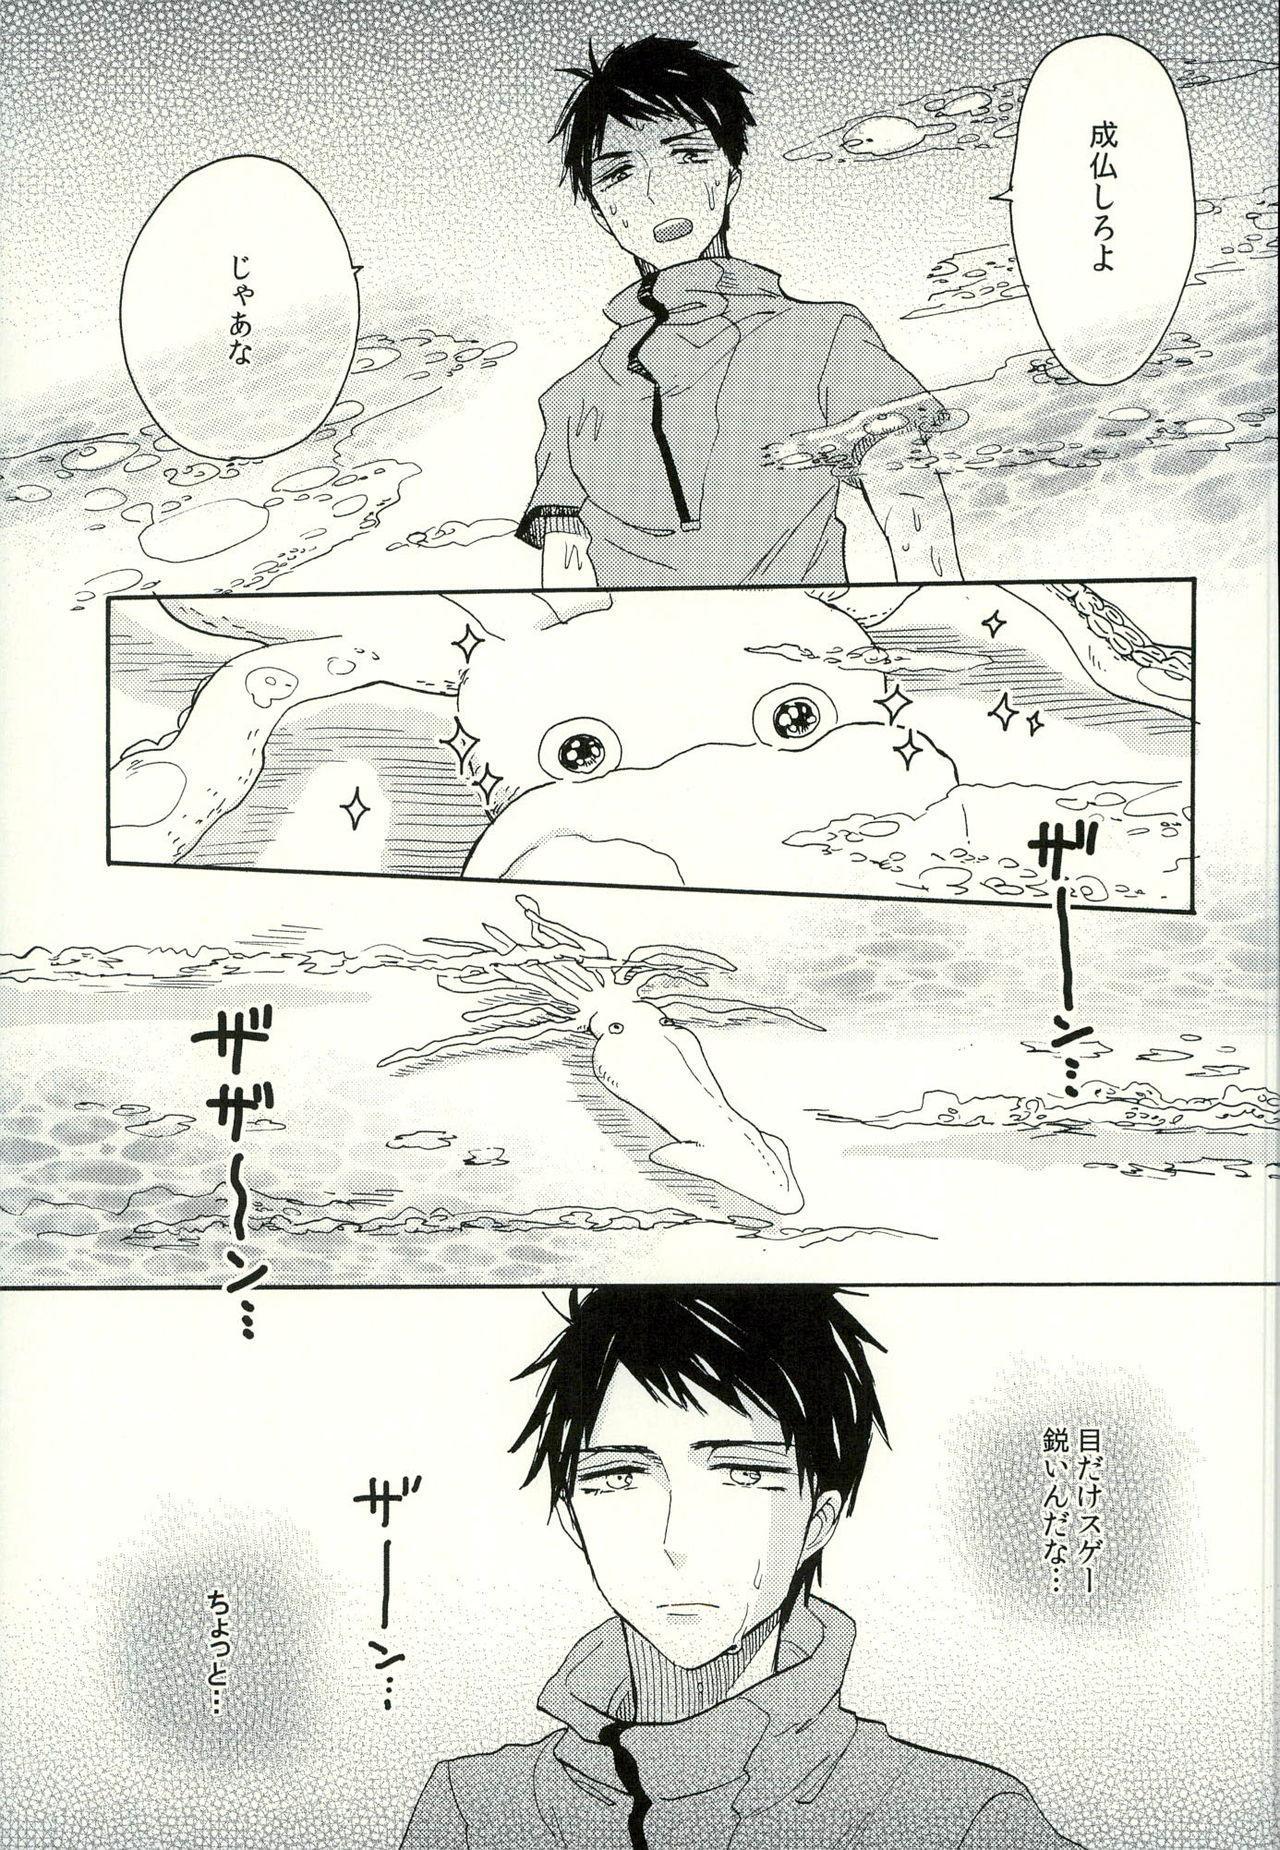 (SUPERKansai20) [hn (Pirori)] Sou-chan Jana-ika!? (Free!) 5